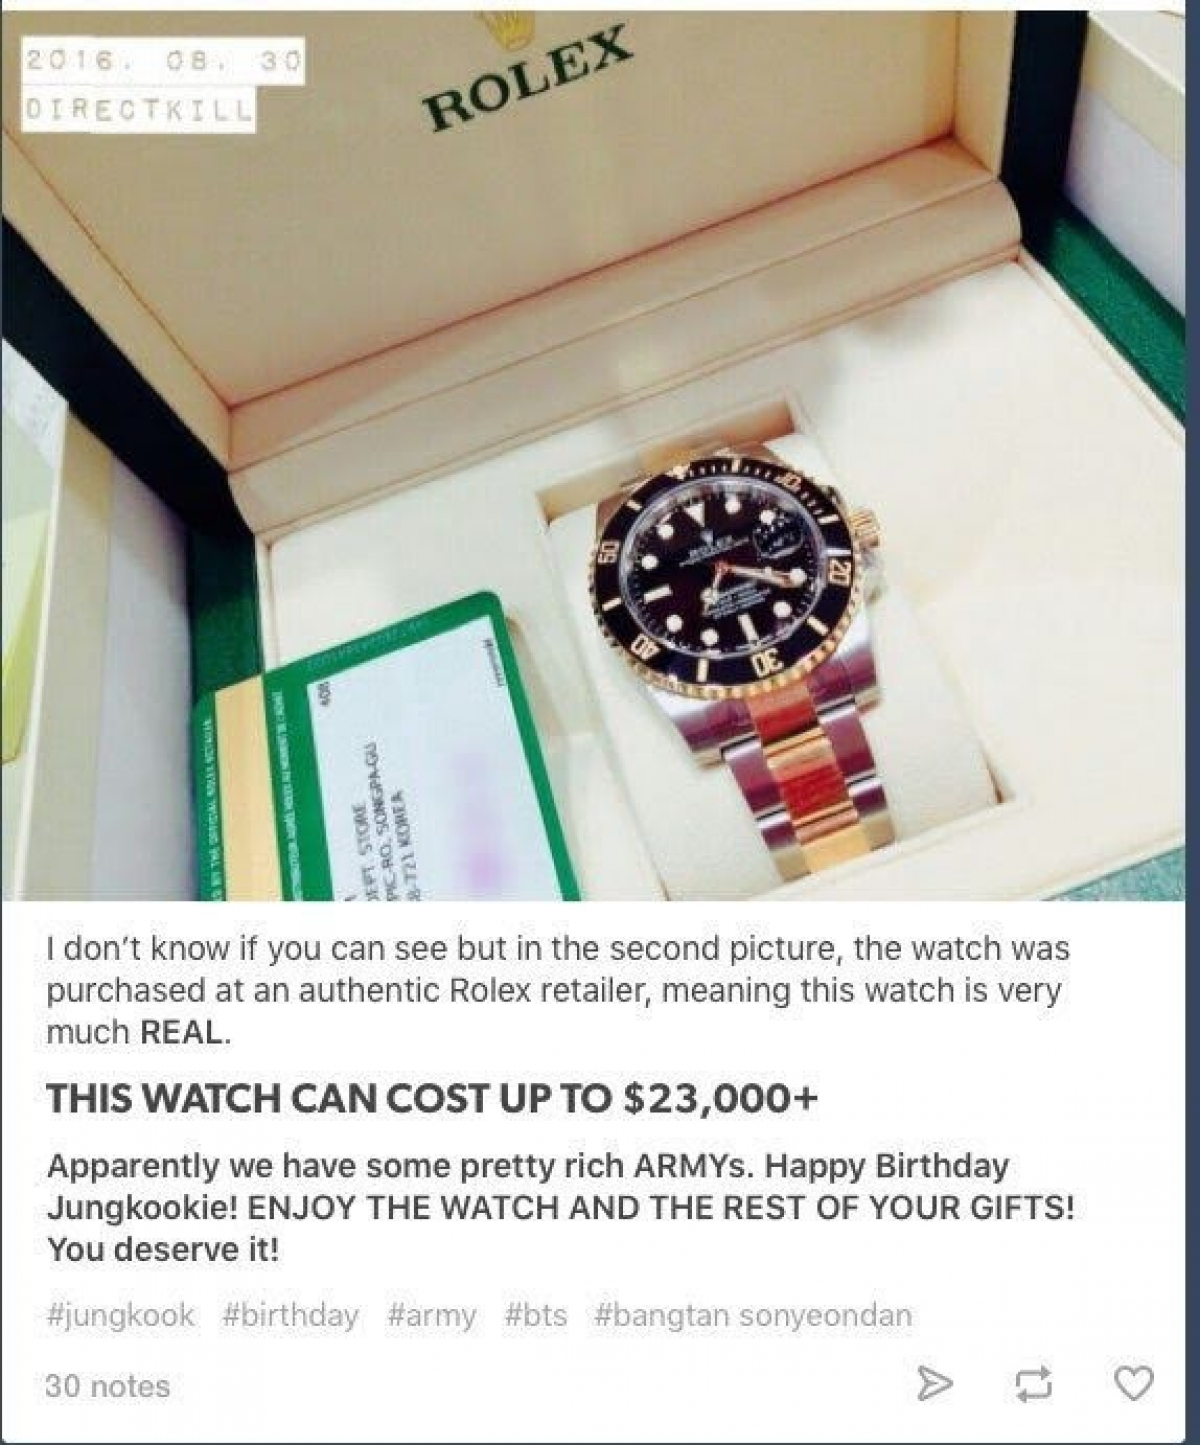 Ngoài thỏi vàng, Jung Kook (BTS) còn nhận được rất nhiều quà đắt tiền cho sinh nhật tuổi 20. Trong đó có một chiếc đồng hồ Rolex trị giá khoảng 23.000 USD trở lên. Ngoài ra còn cómáy ảnh Canon EOS 5 khoảng 1.000 USD, giày Louis Vuittonvà mộtchiếc vòng tayTiffany & Co.